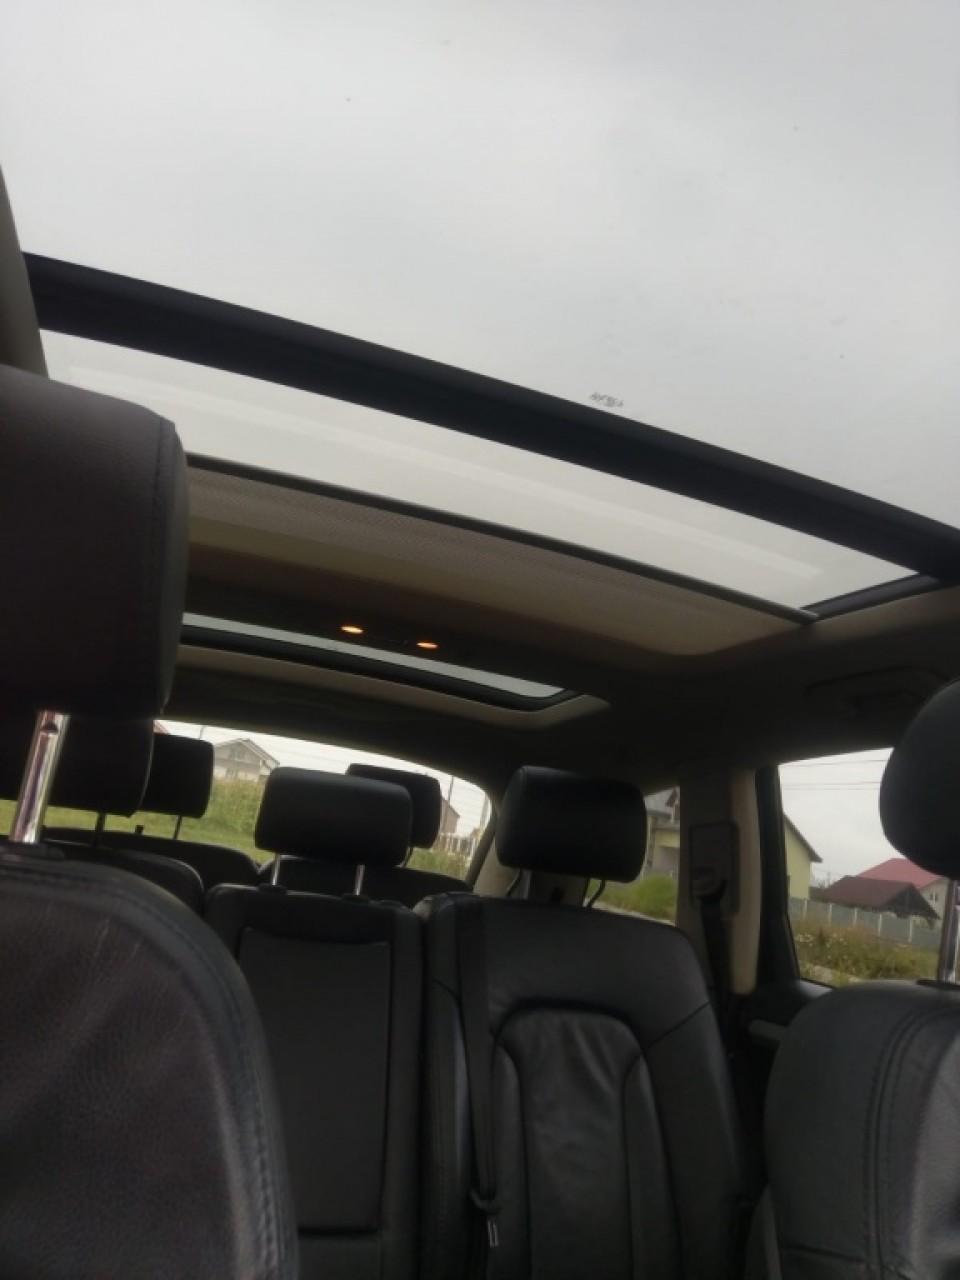 Macara geam dreapta spate Audi Q7 2006 SUV 3.0tdi